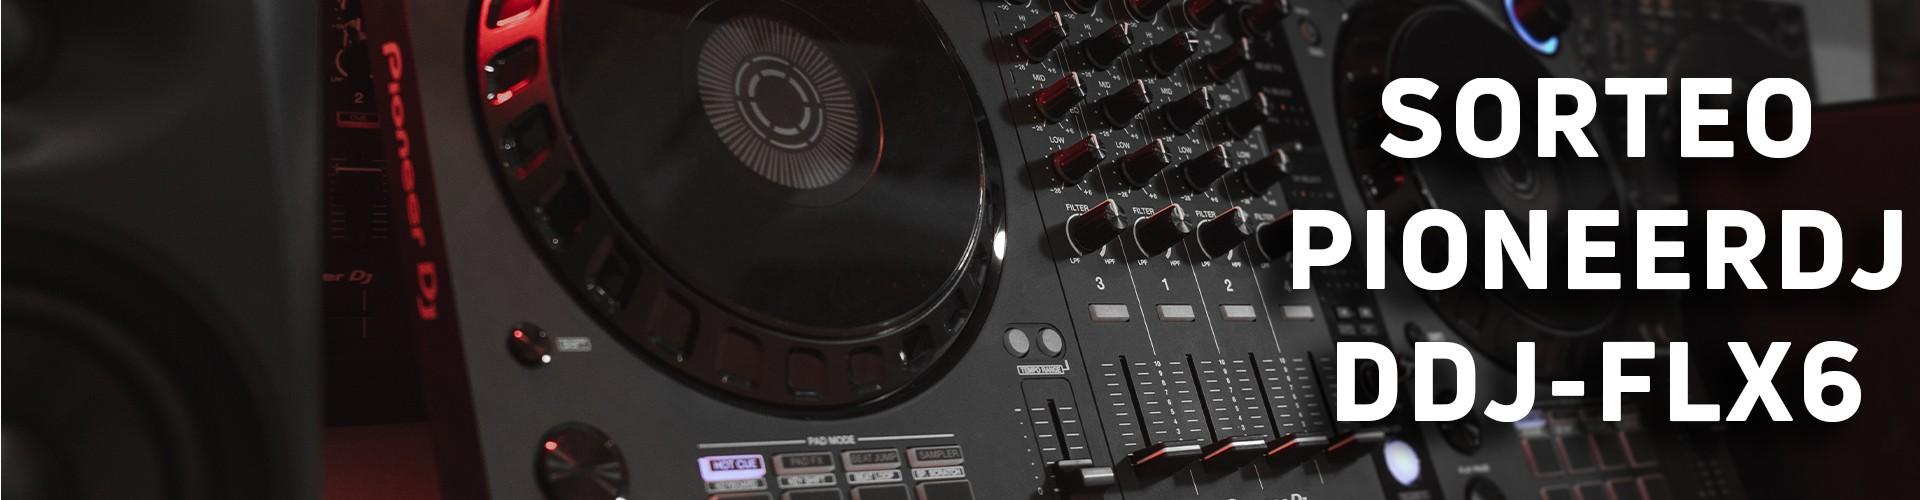 ¡Sorteamos una controladora DDJ-FLX6 de Pioneer DJ!